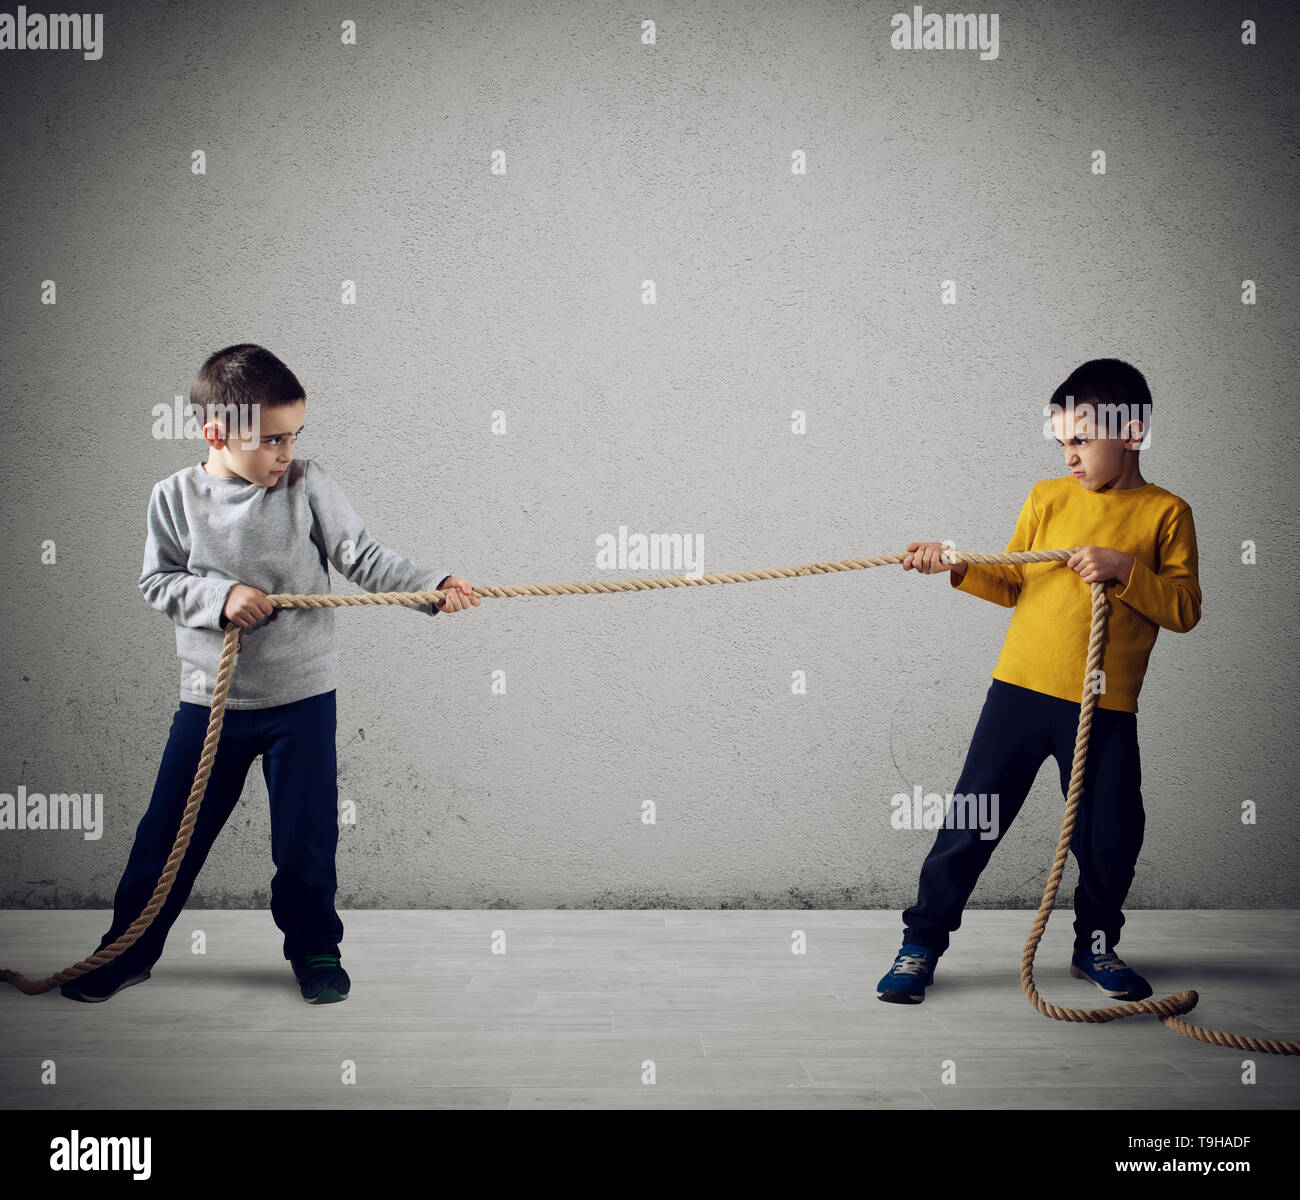 La rivalité des deux frères avec une corde Photo Stock